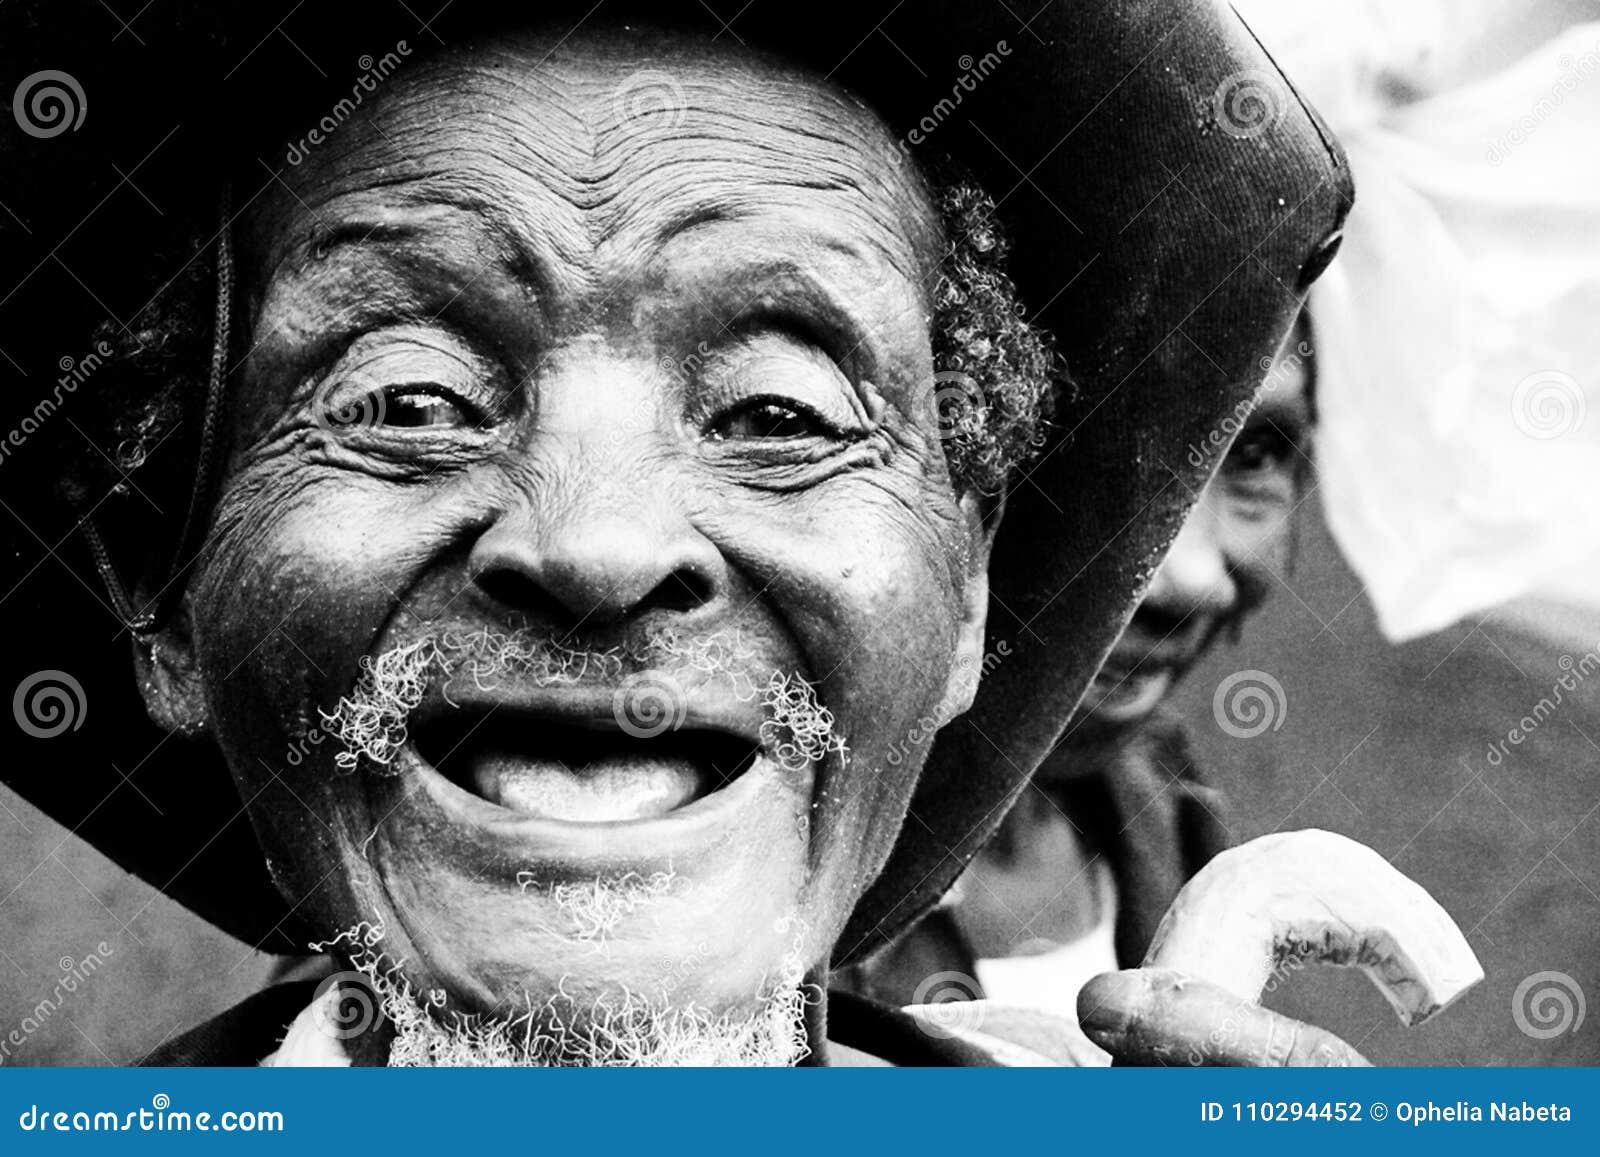 No teeth old man